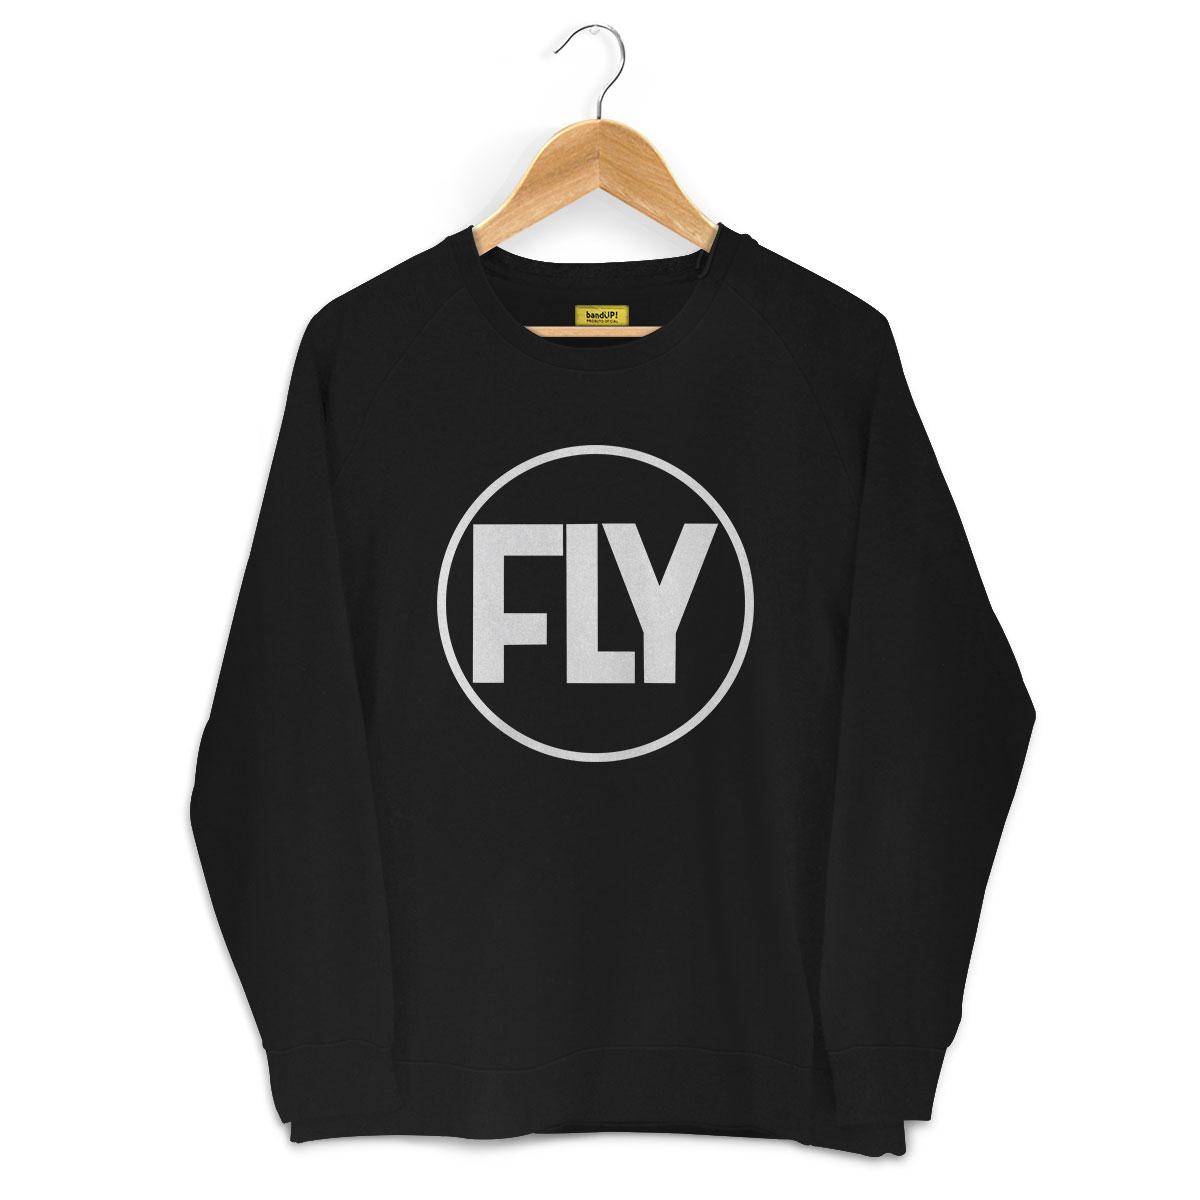 Moletinho Preto Banda Fly Logo